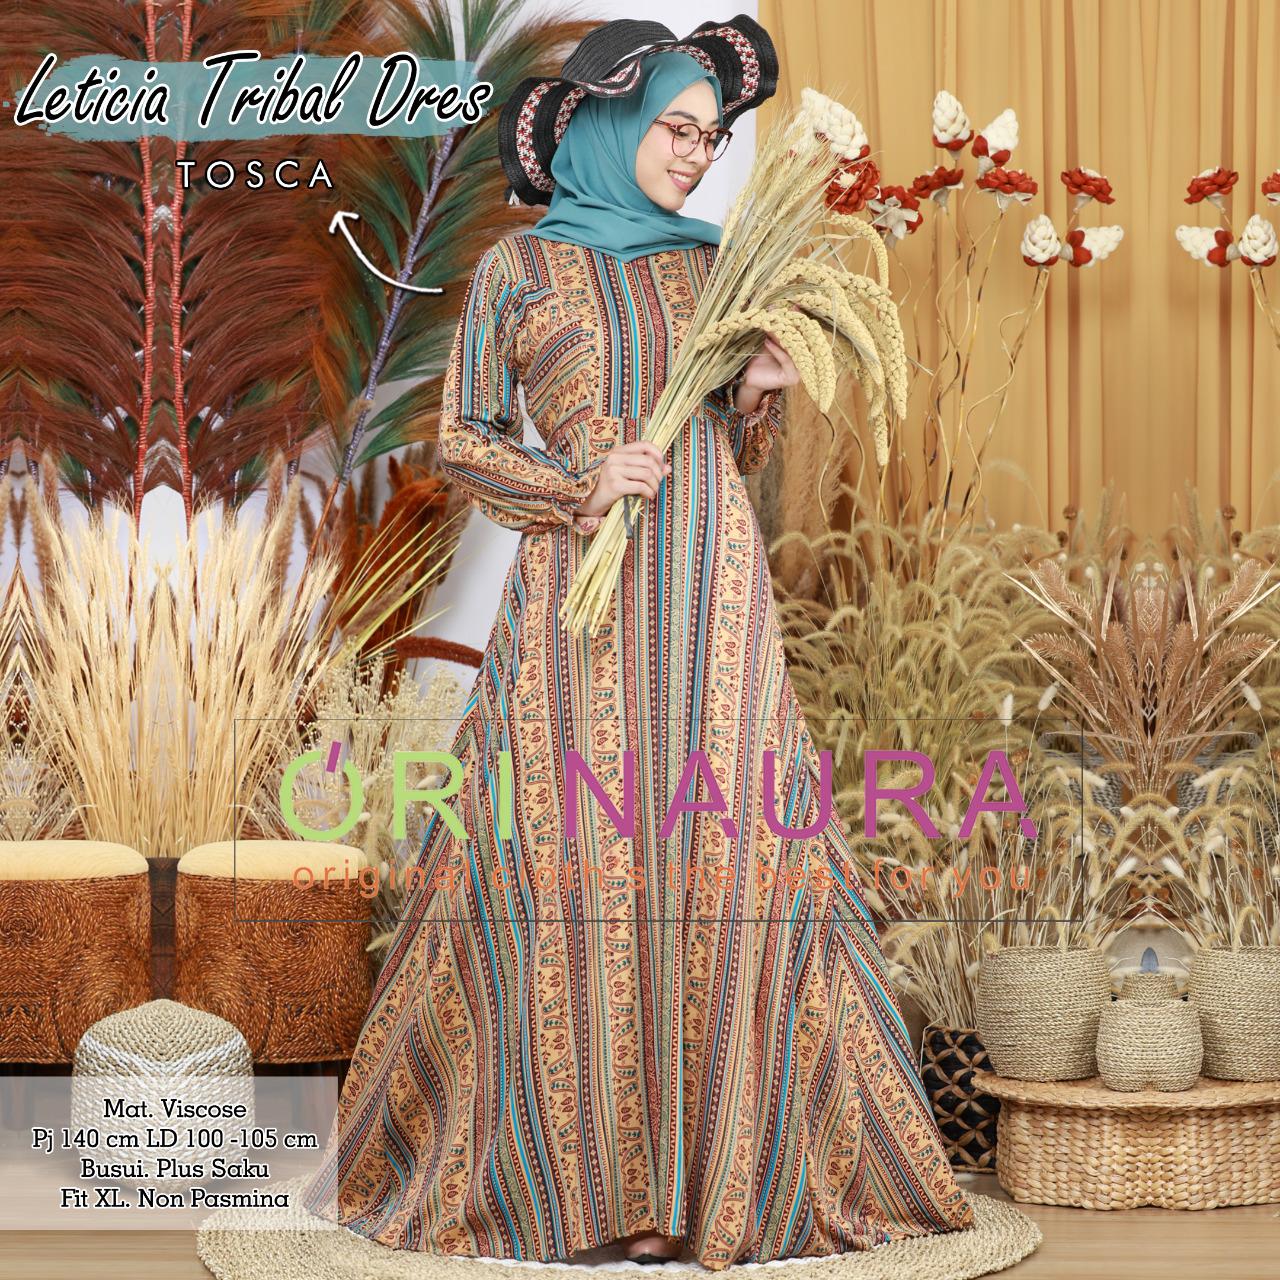 COD Realpict Gamis Leticia Tribal Dress Viscose Busui Saku | Baju Gamis Batik Terbaru | Model Gamis Brokat Modern 2020